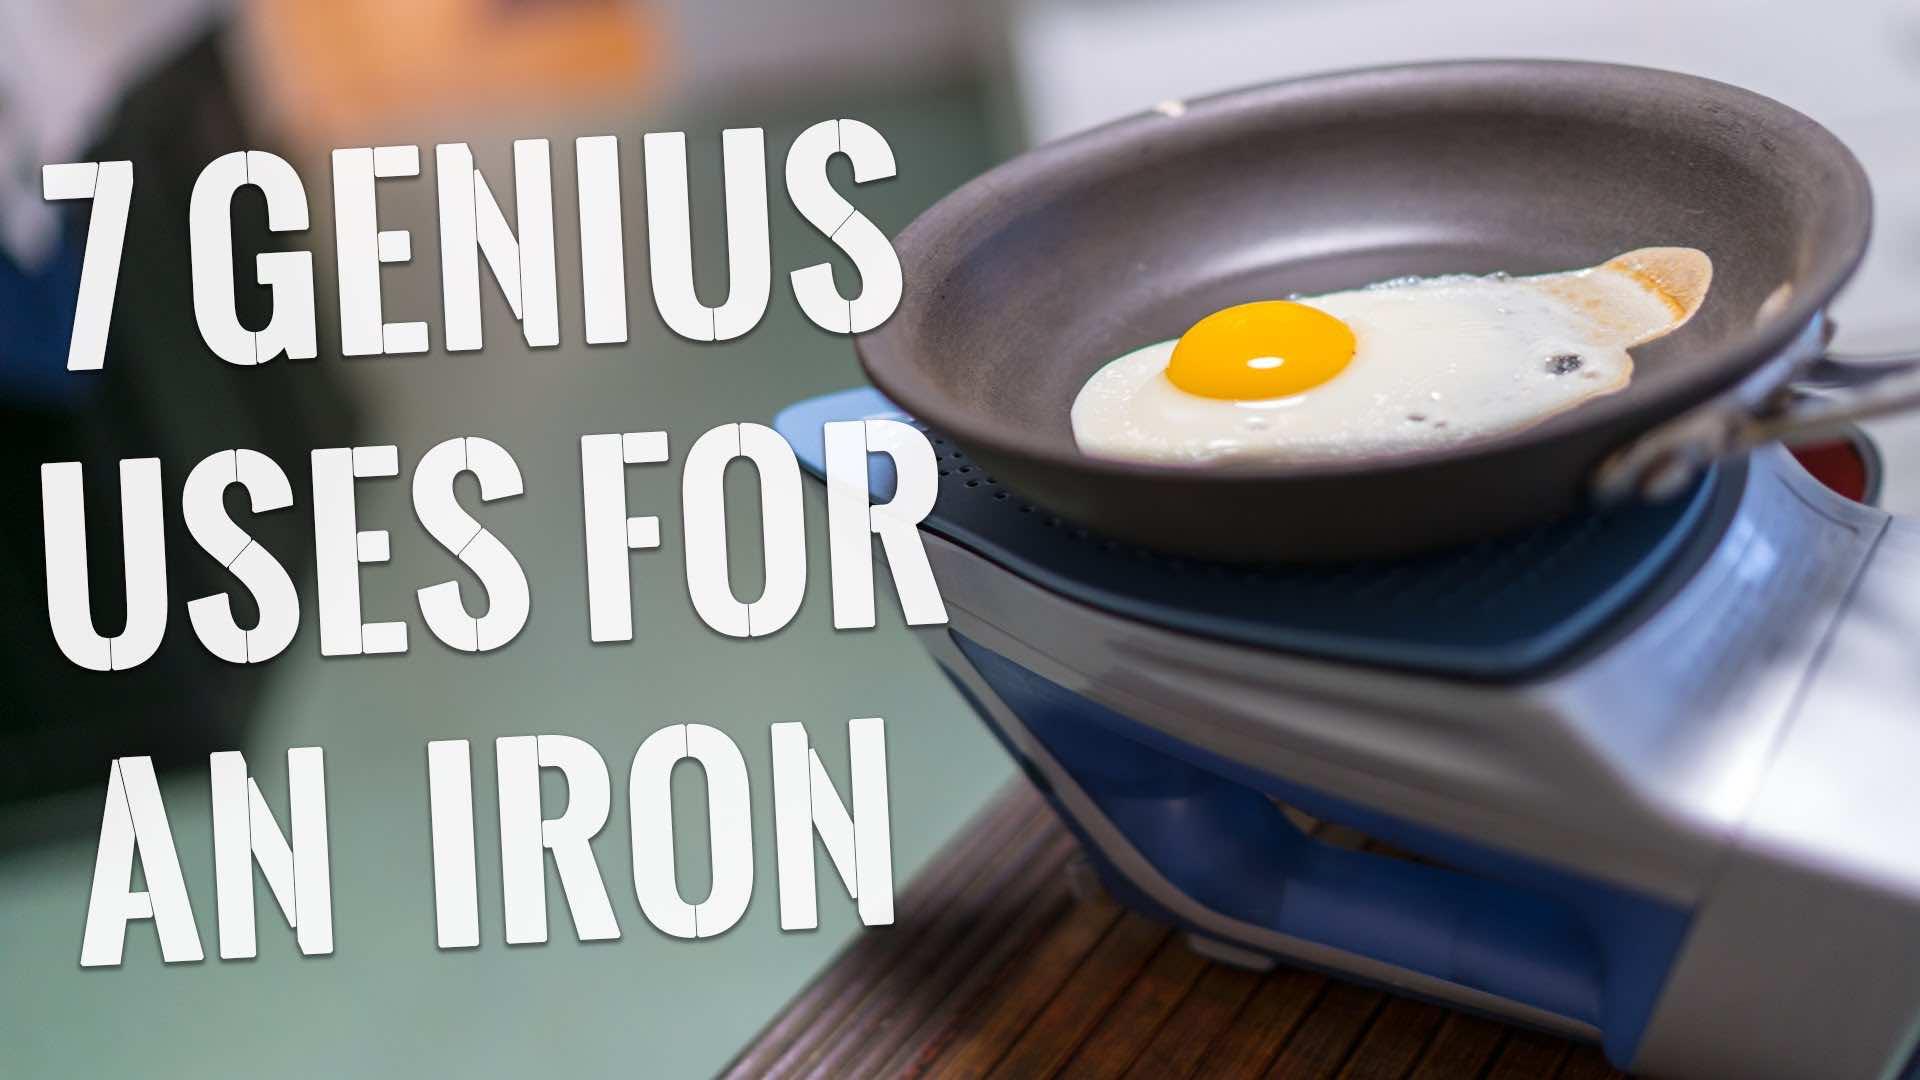 7 genius uses